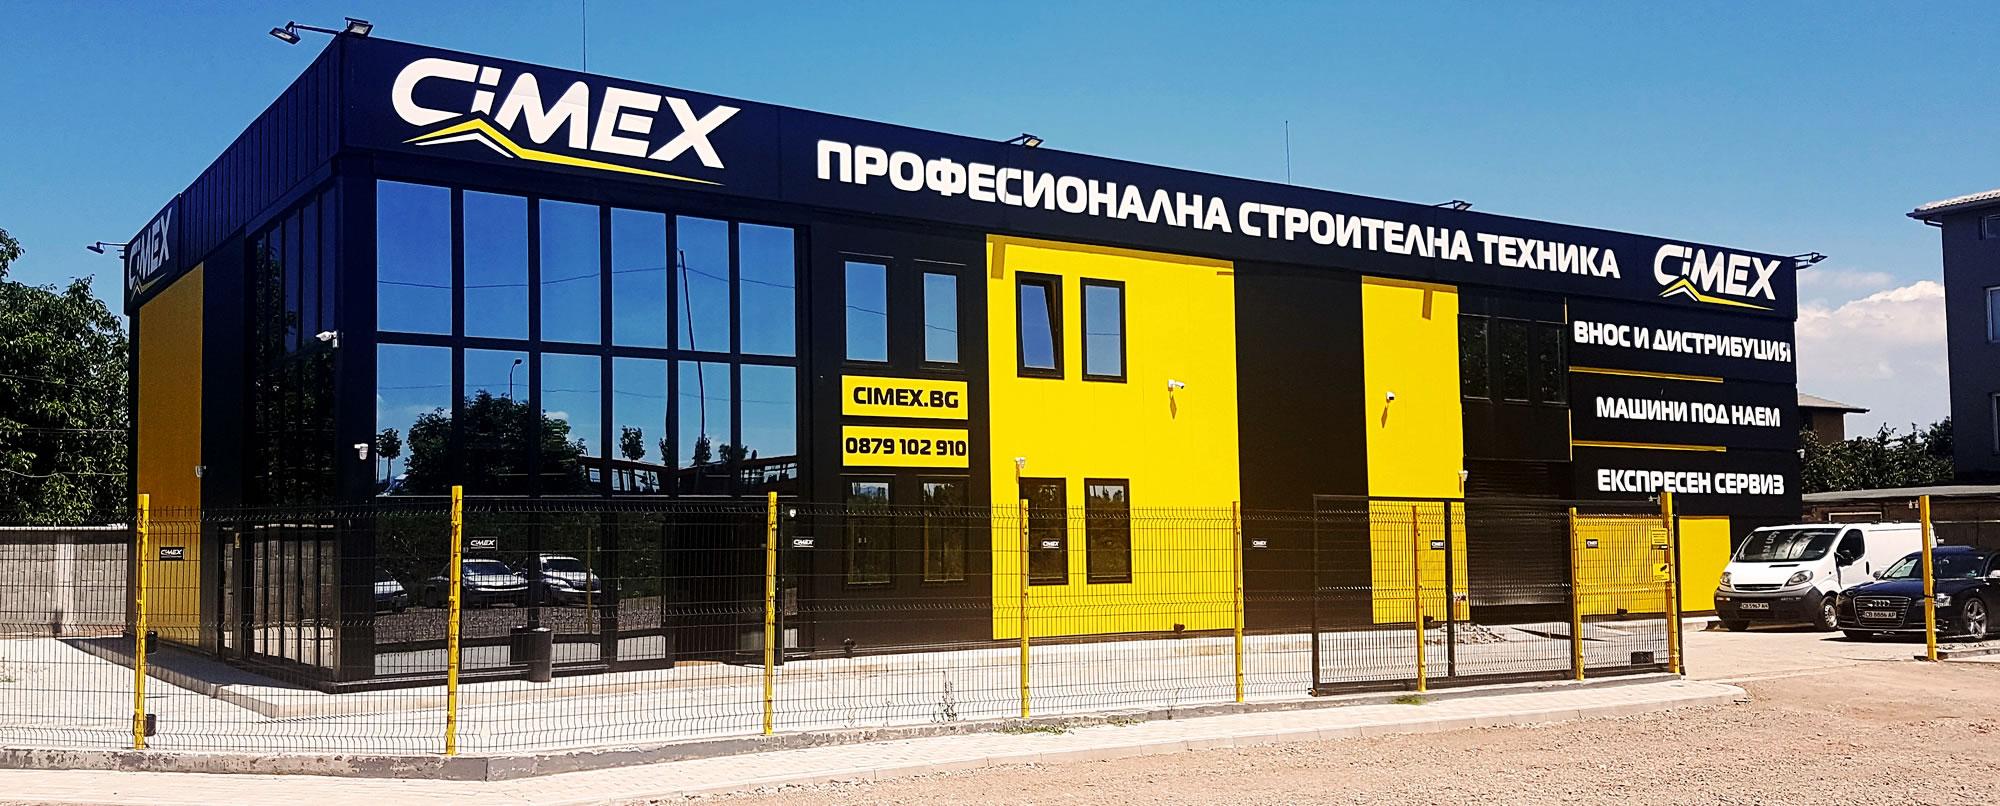 CIMEX - професионална строителна техника и машини под наем